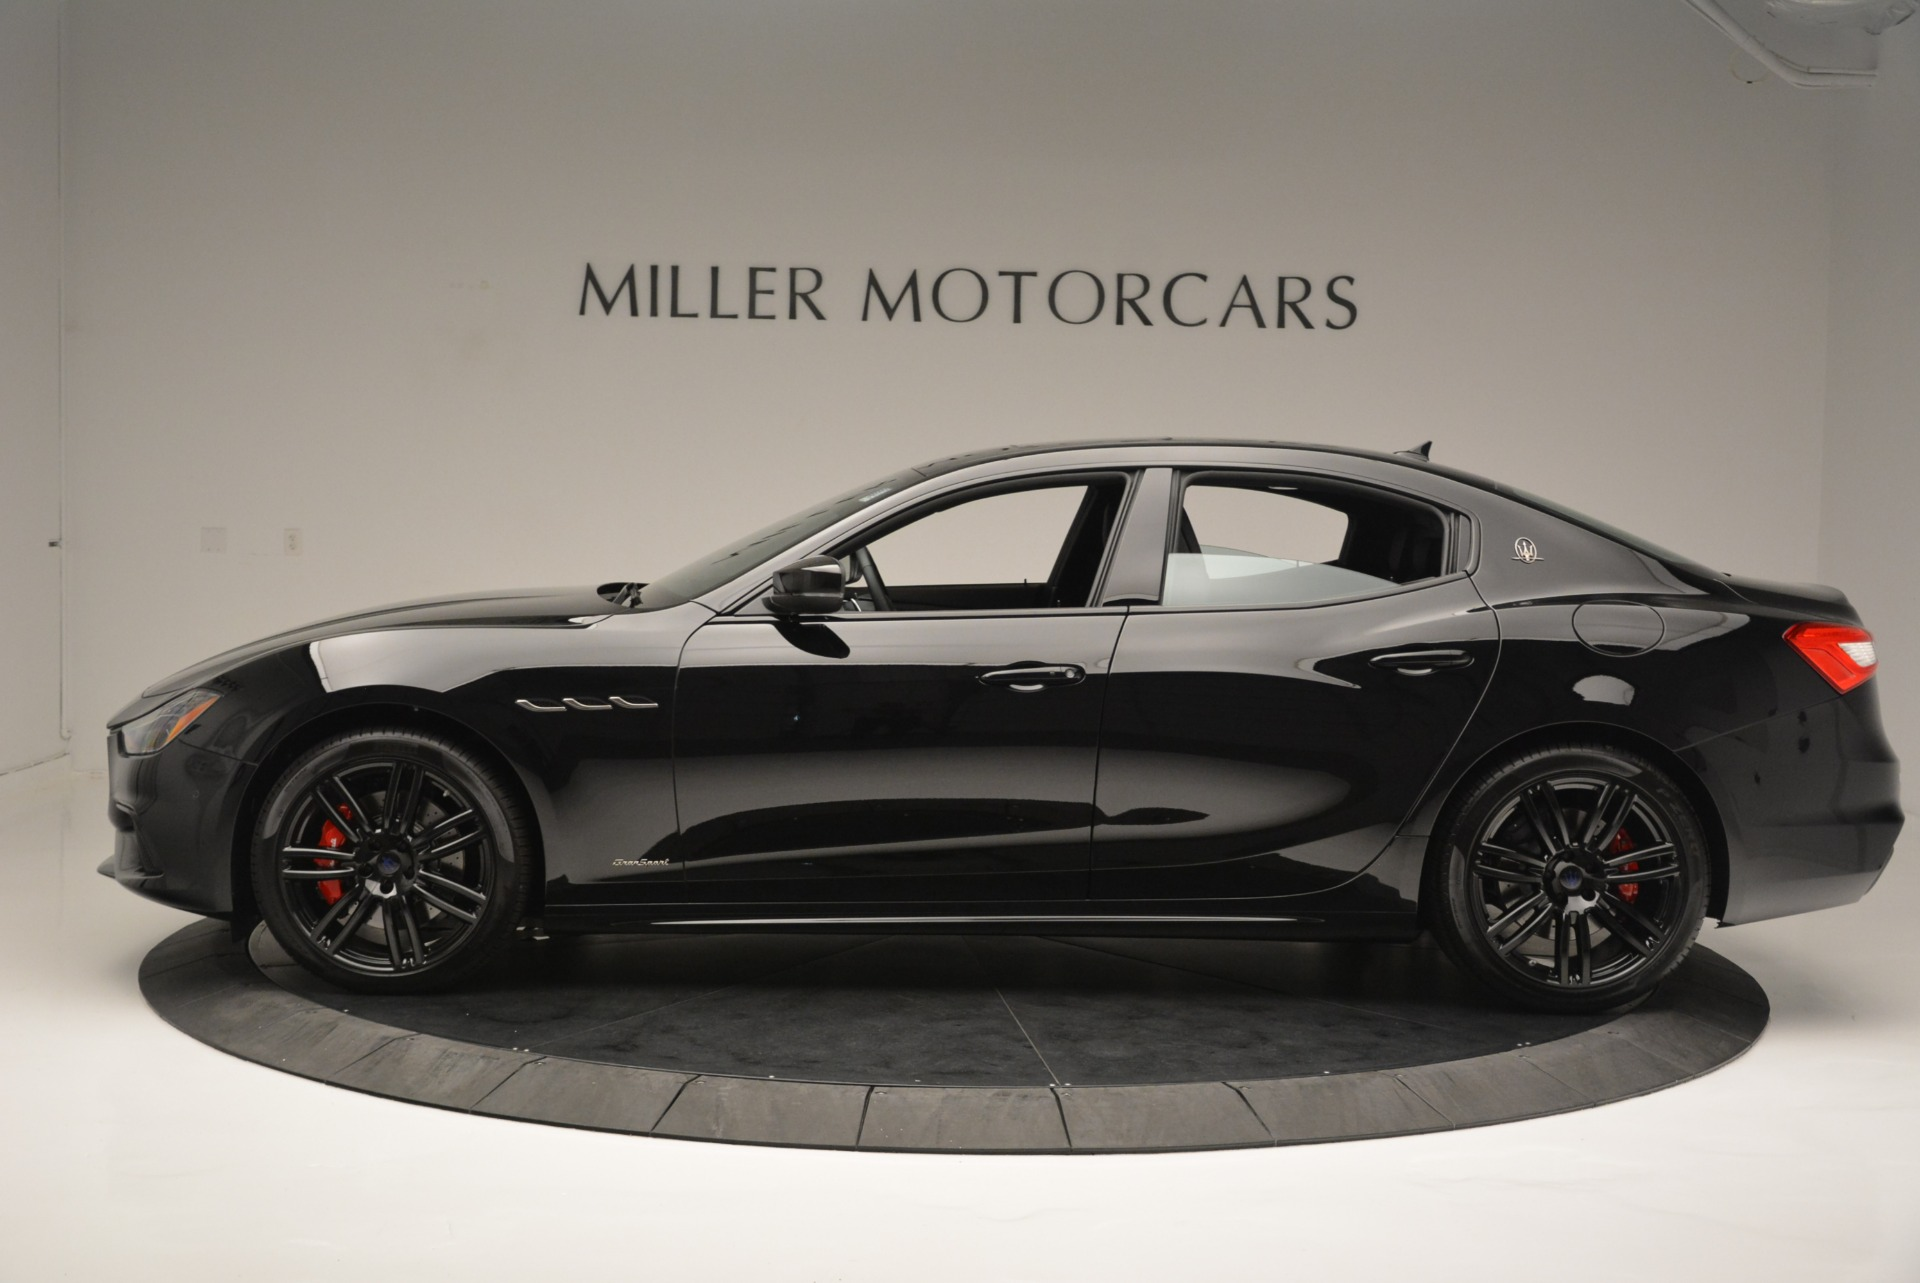 New 2018 Maserati Ghibli SQ4 GranSport Nerissimo For Sale In Greenwich, CT 2366_p3